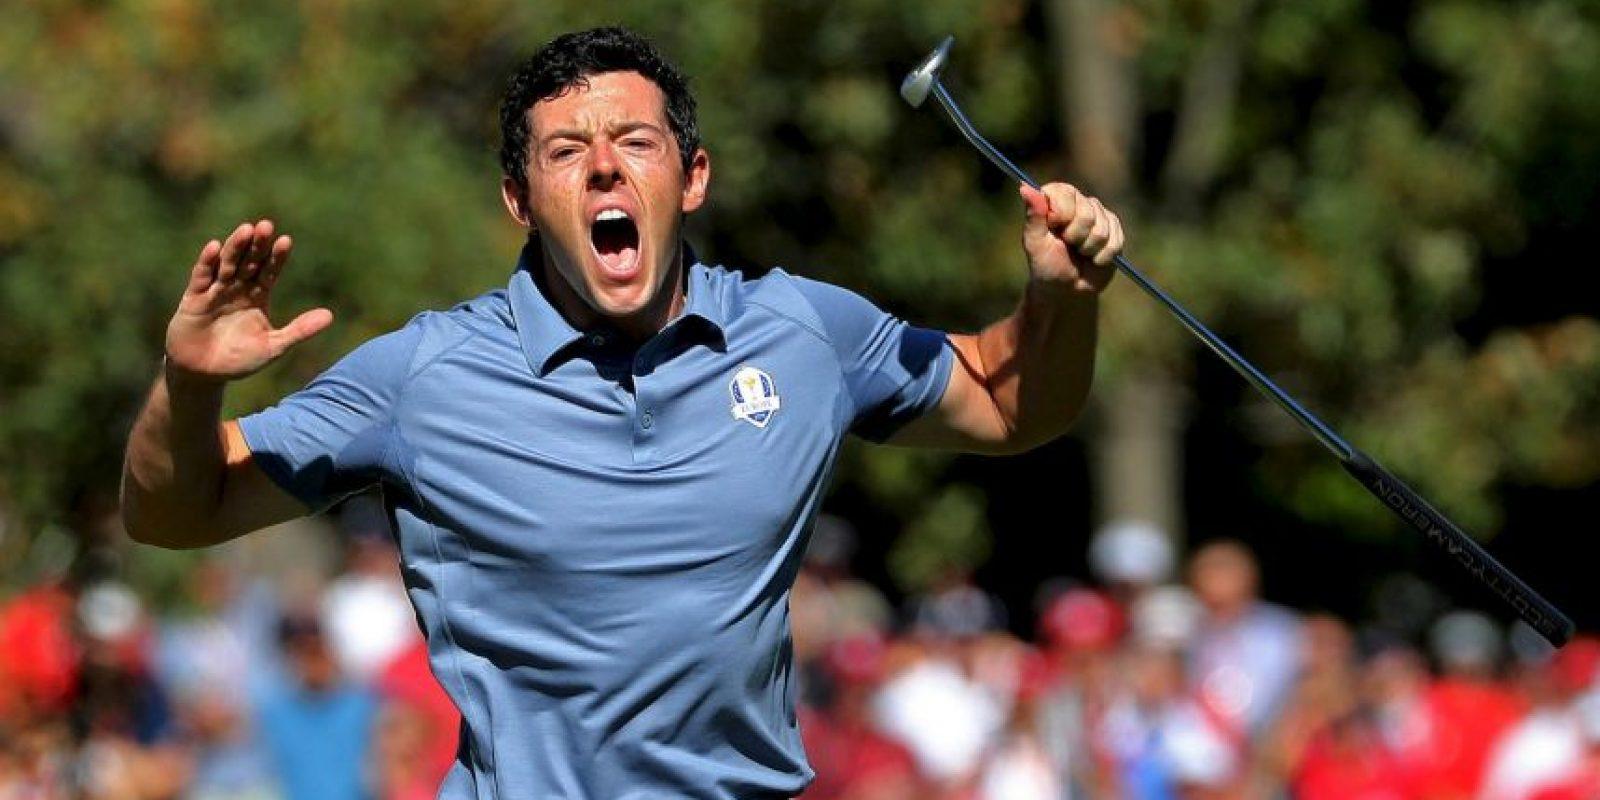 6.-Rory McIlroy (27 años-Golf) – 42.6 millones de dólares Foto:Getty Images